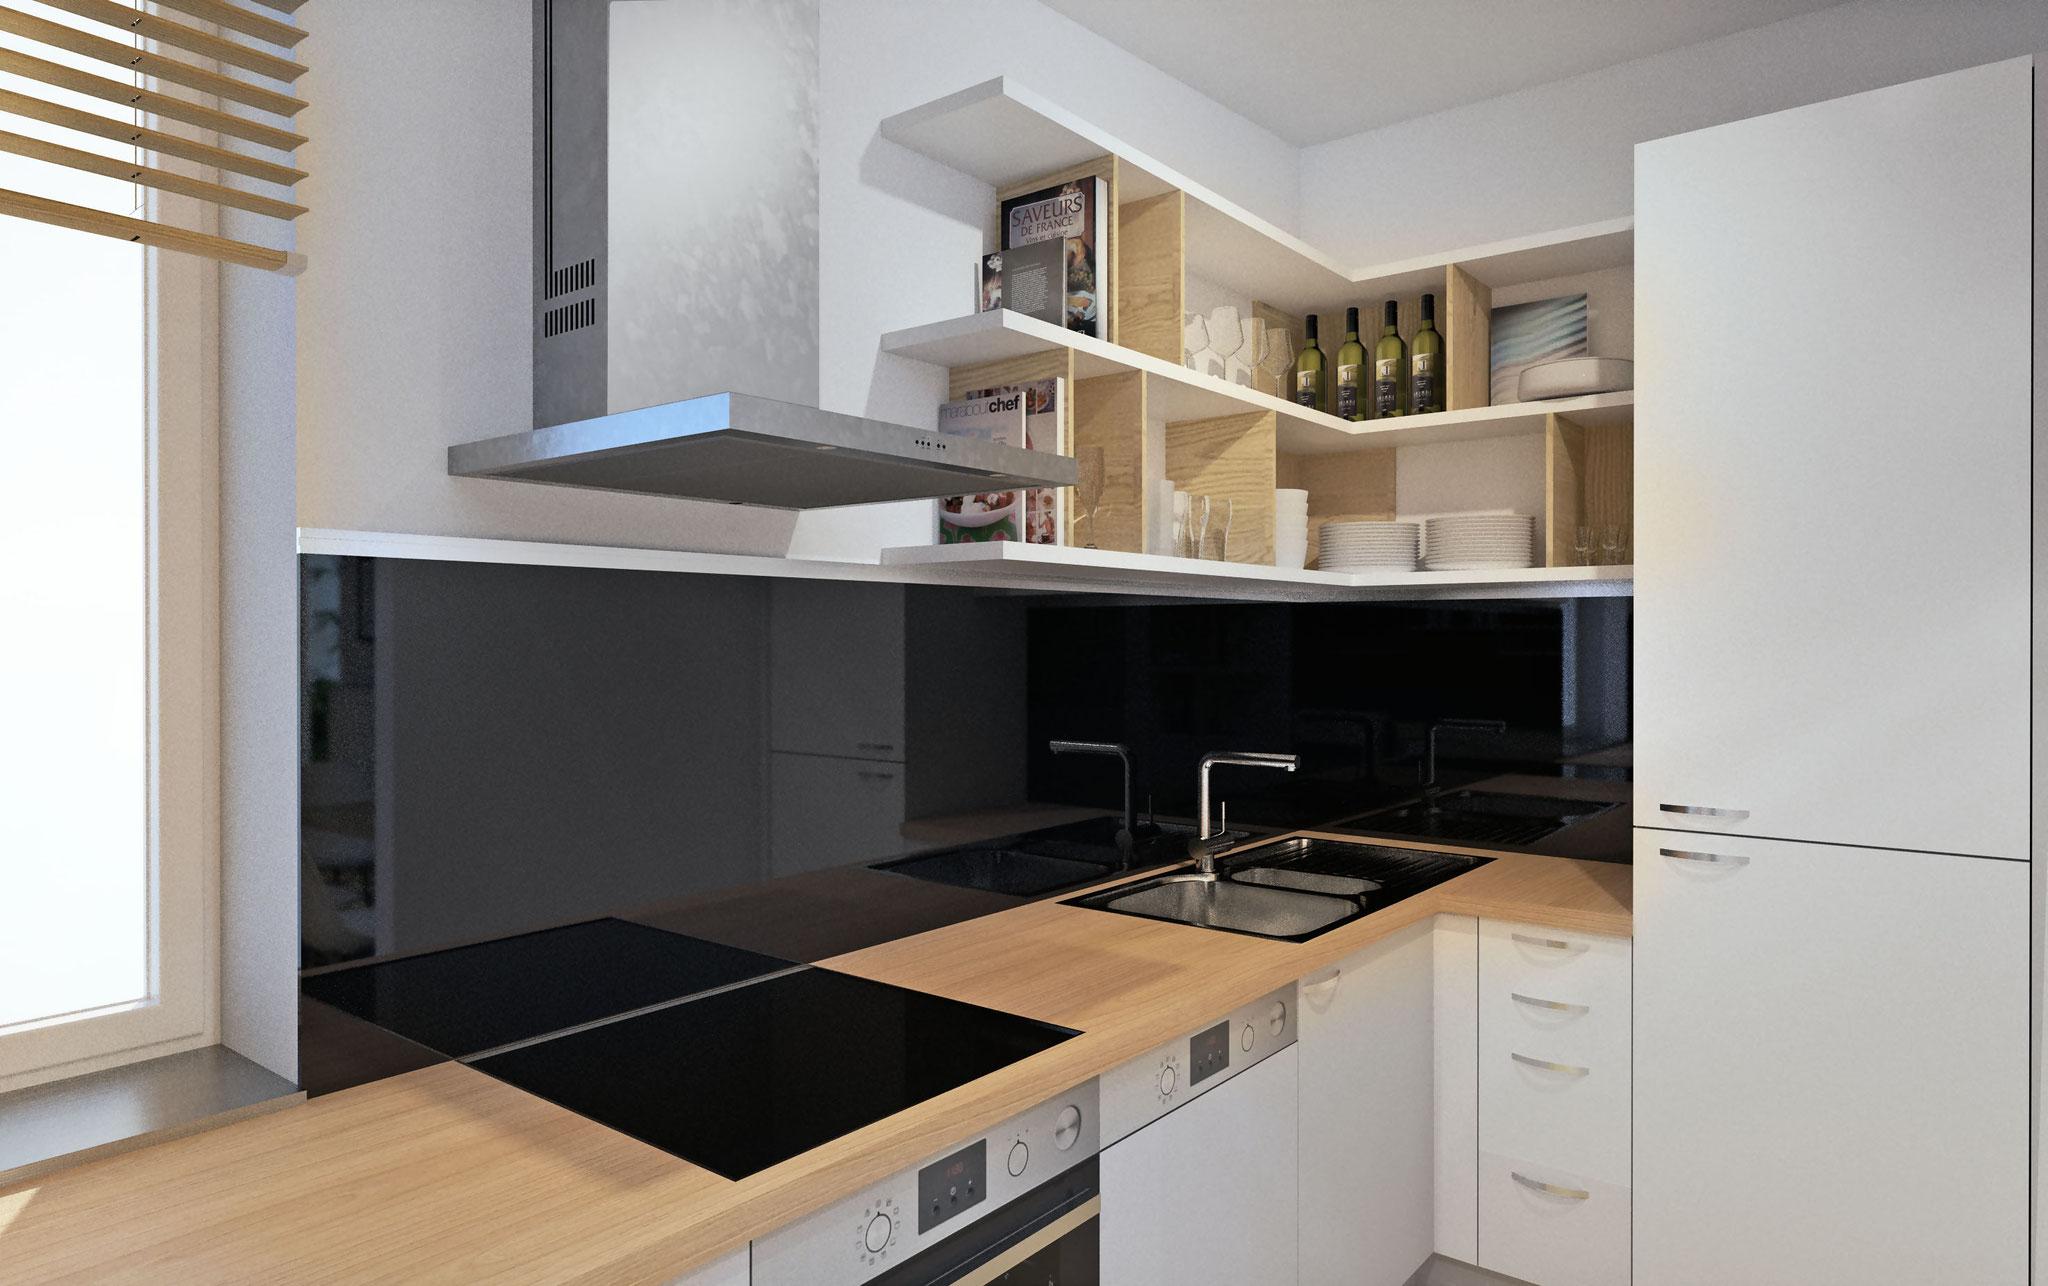 Küche - neue offene Regale